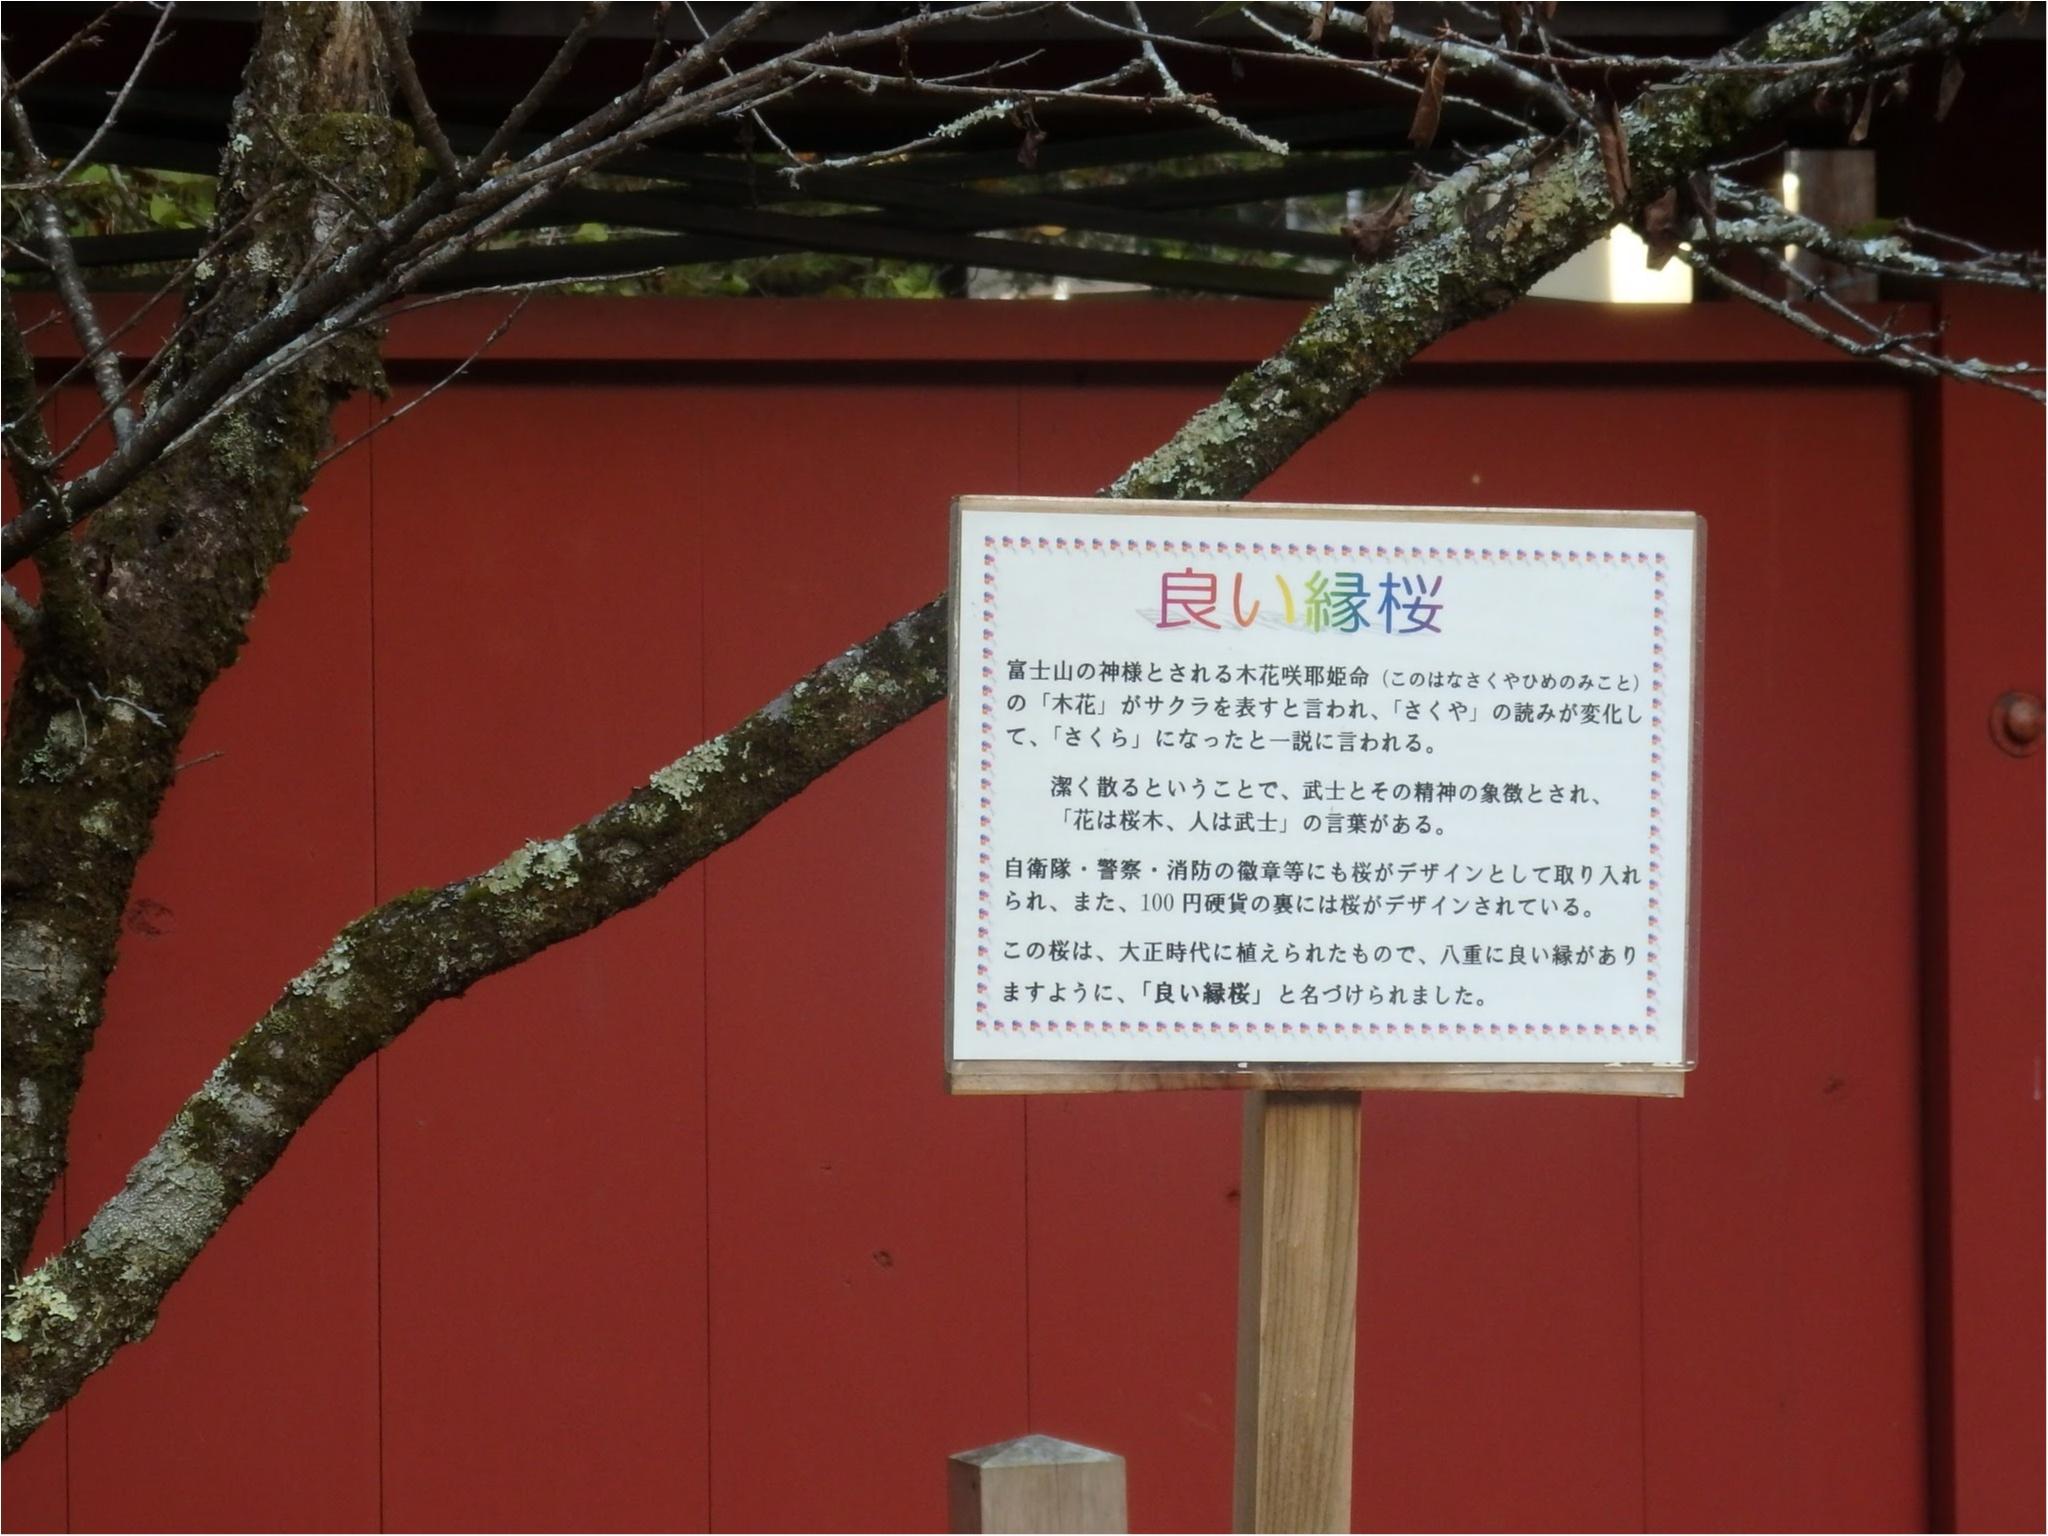 【知らなかった!】日本一楽しめる神社へ潜入してみた_15